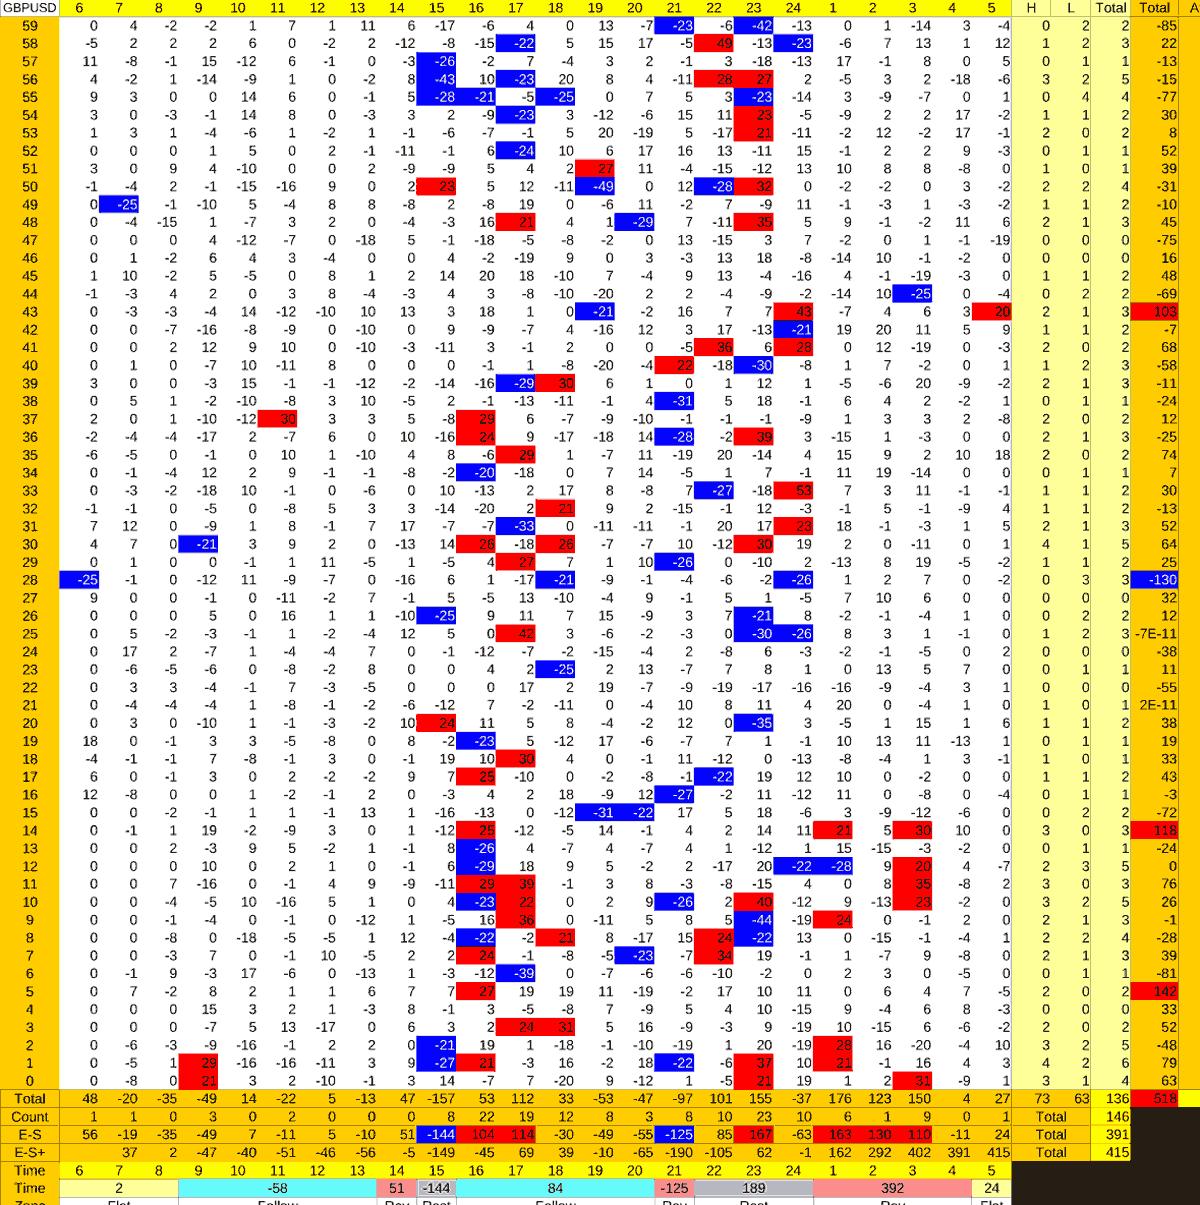 20210825_HS(2)GBPUSD